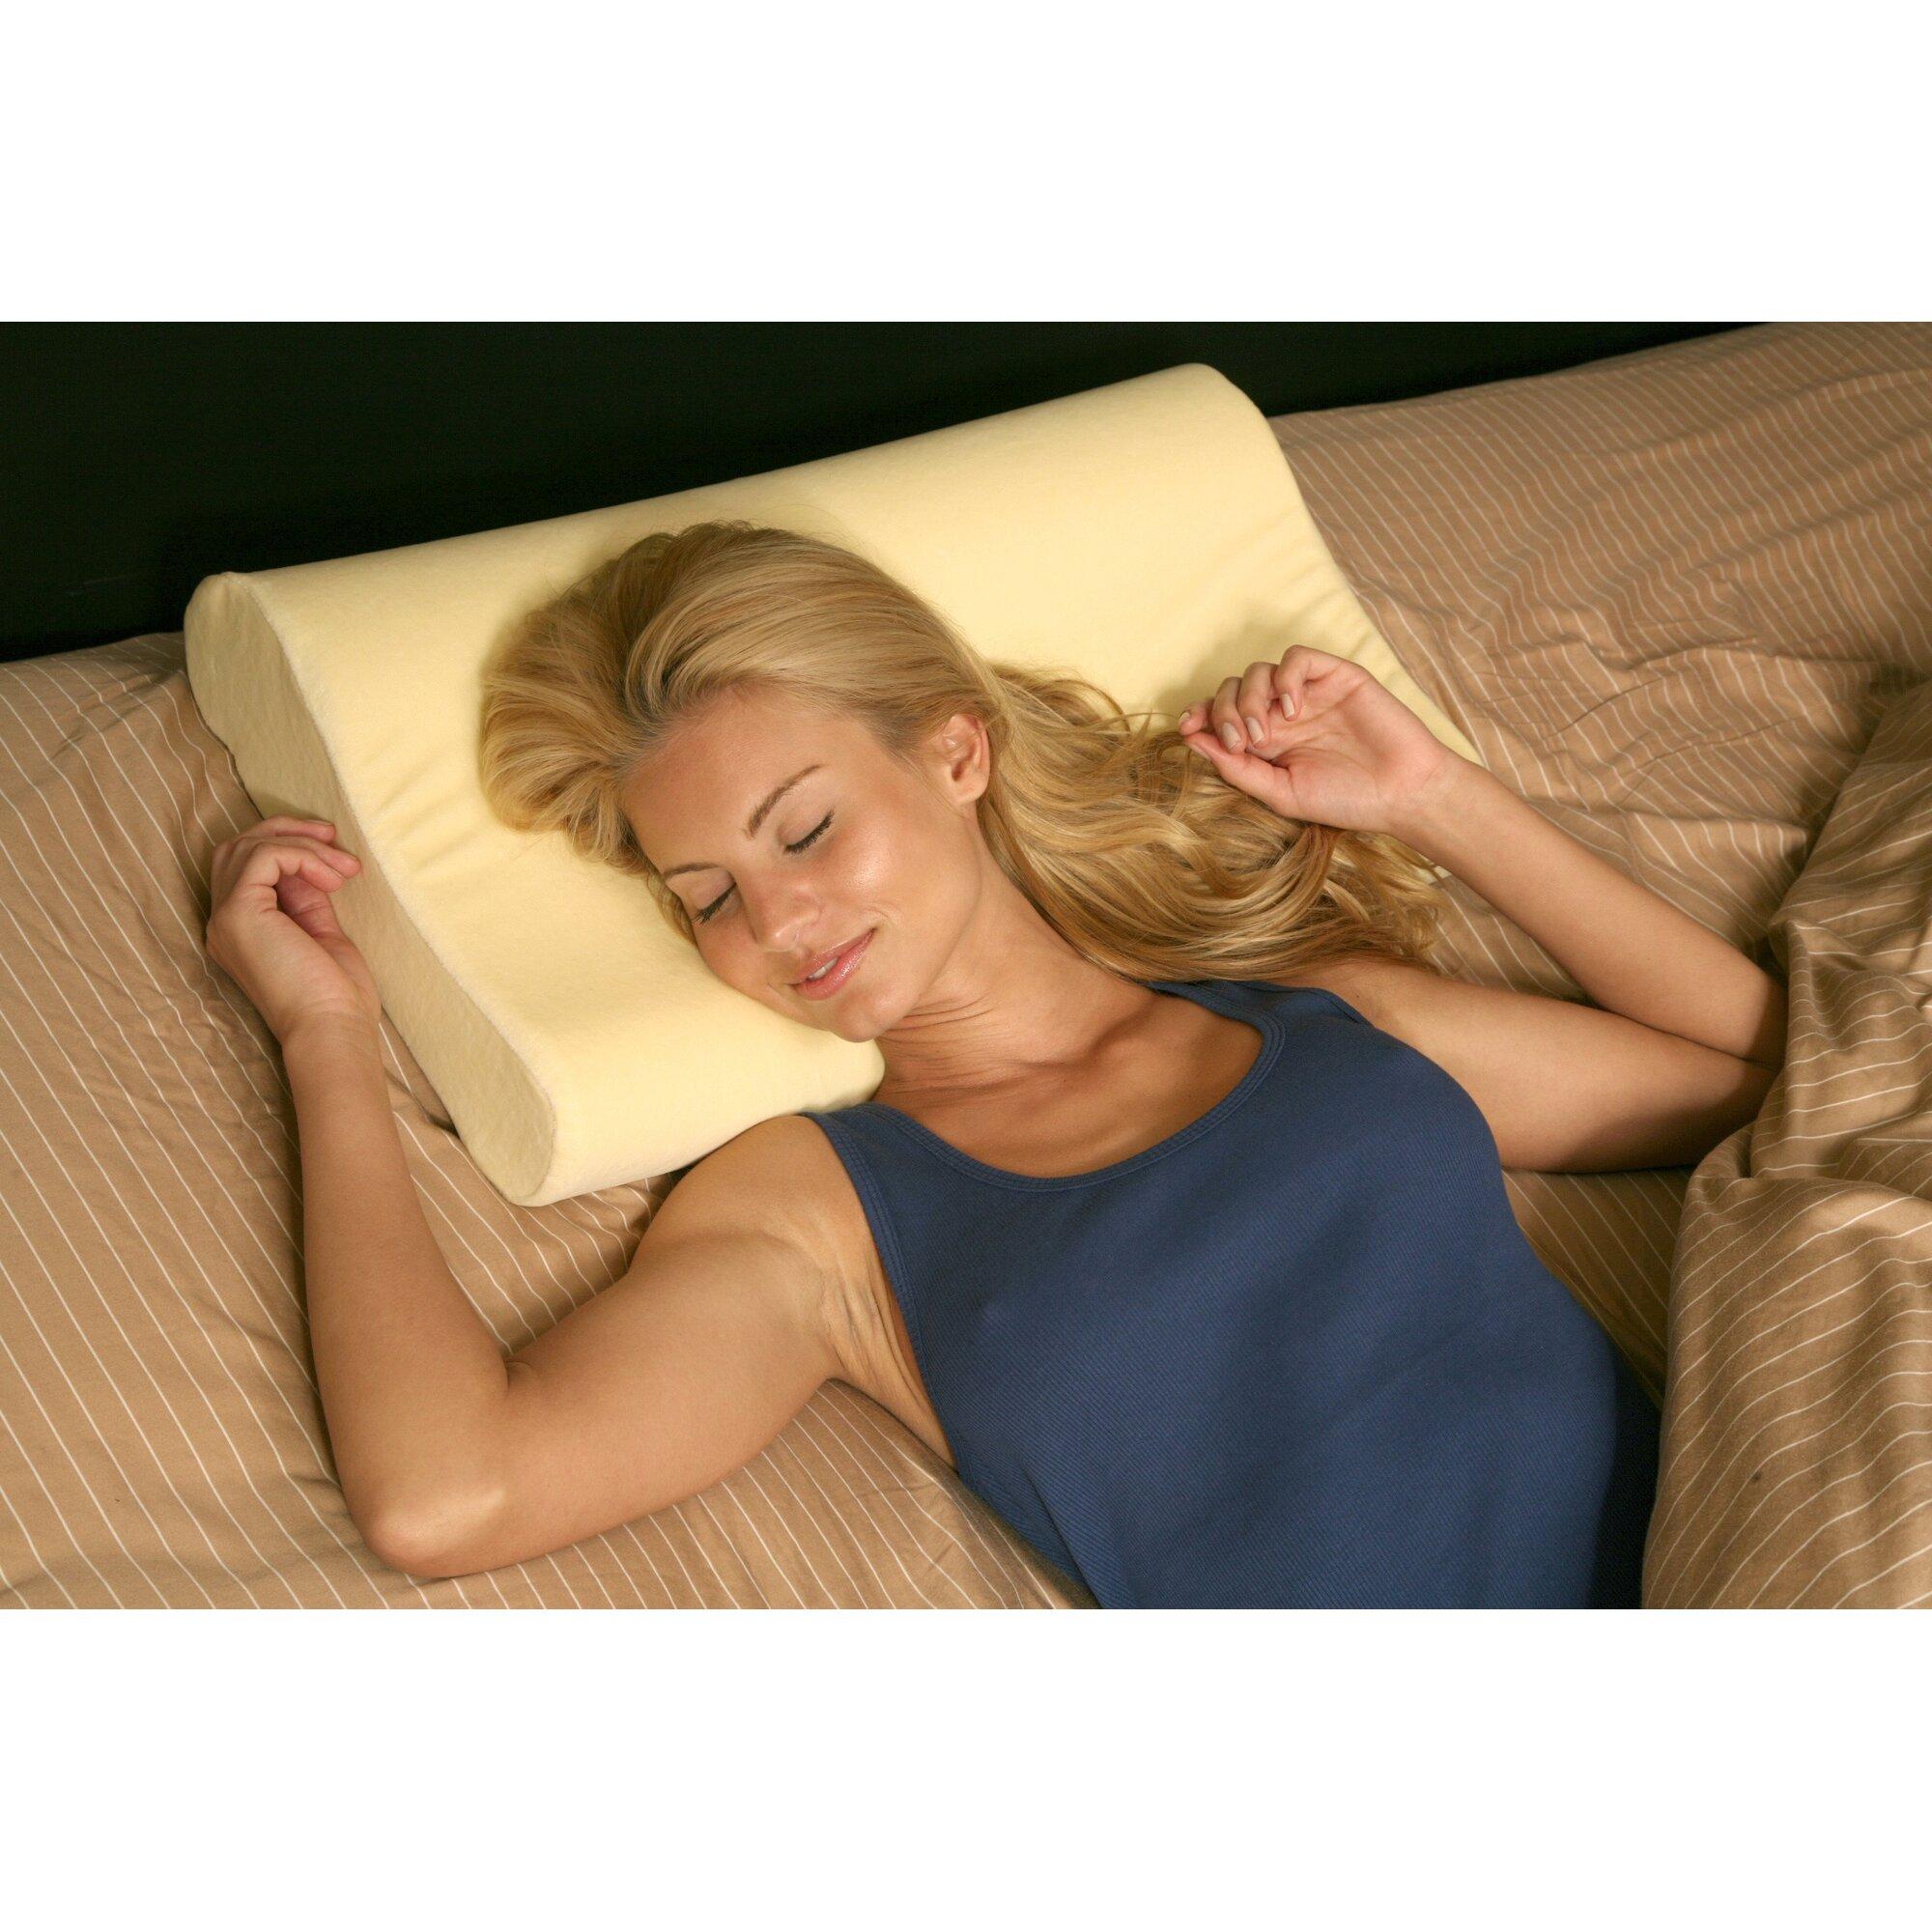 deluxe comfort deluxe memory foam contourneck pillow u0026 reviews deluxe comfort deluxe memory foam contour neck pillow reviews